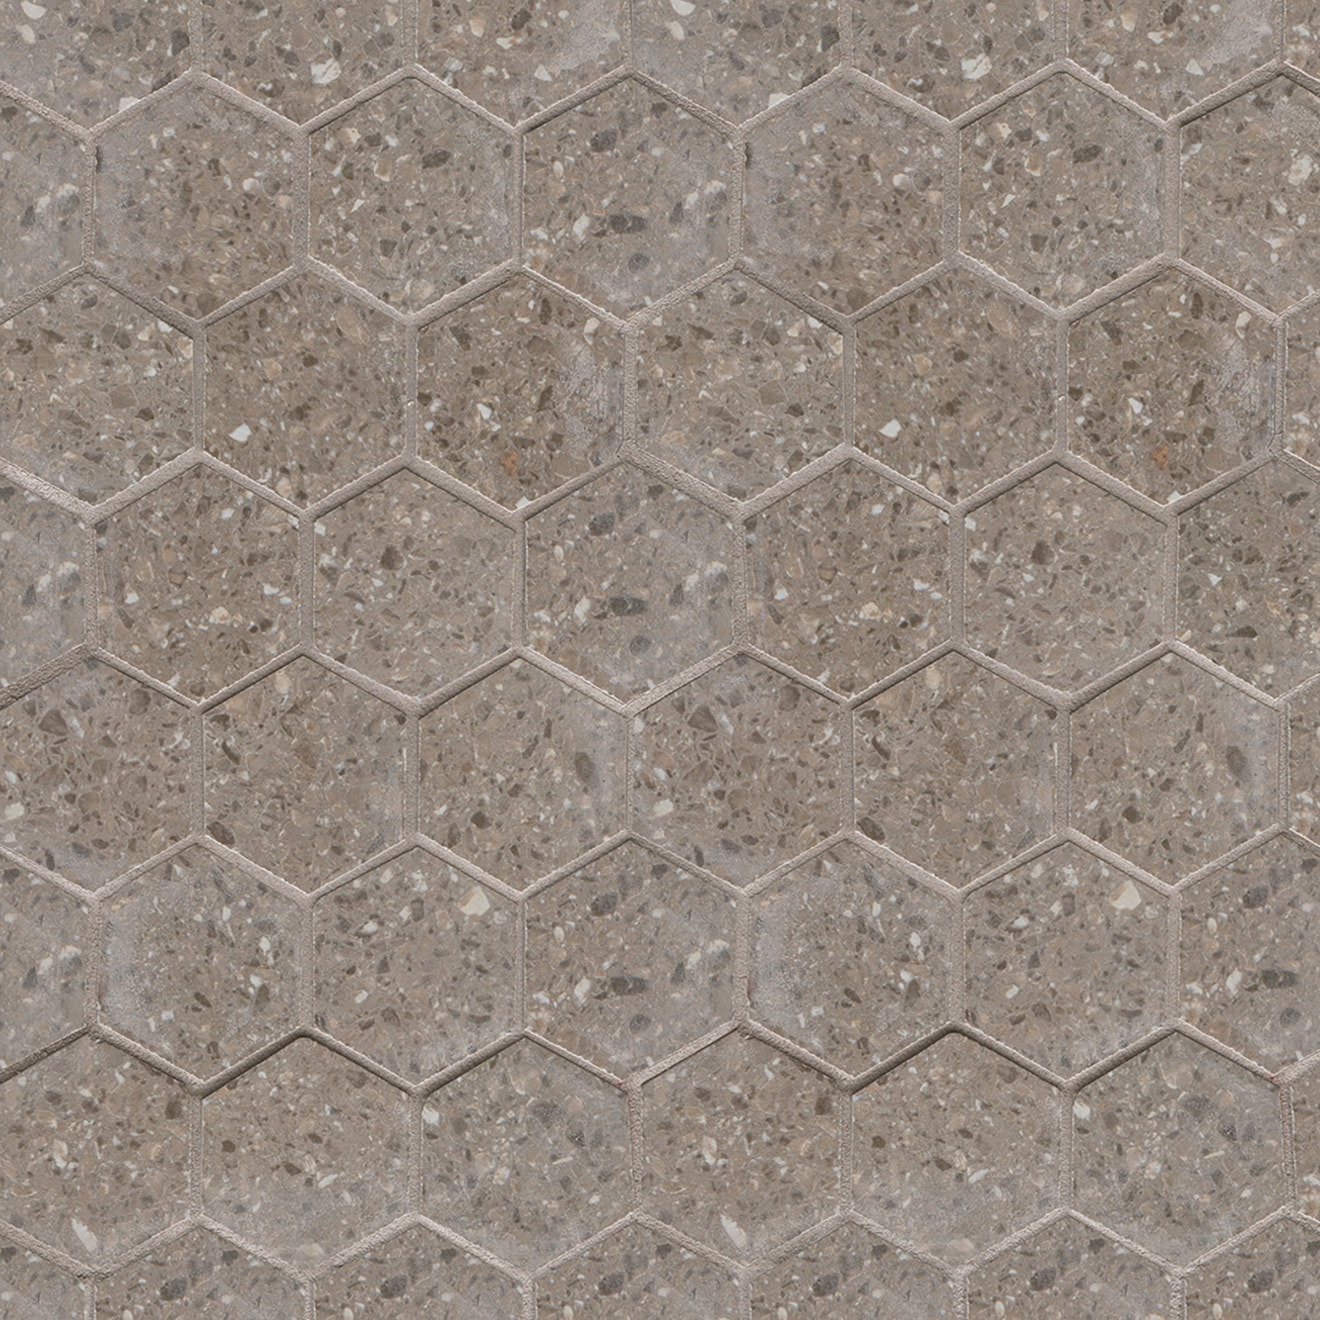 Terrazzo 2 X 2 Floor Wall Mosaic In Medium Gray